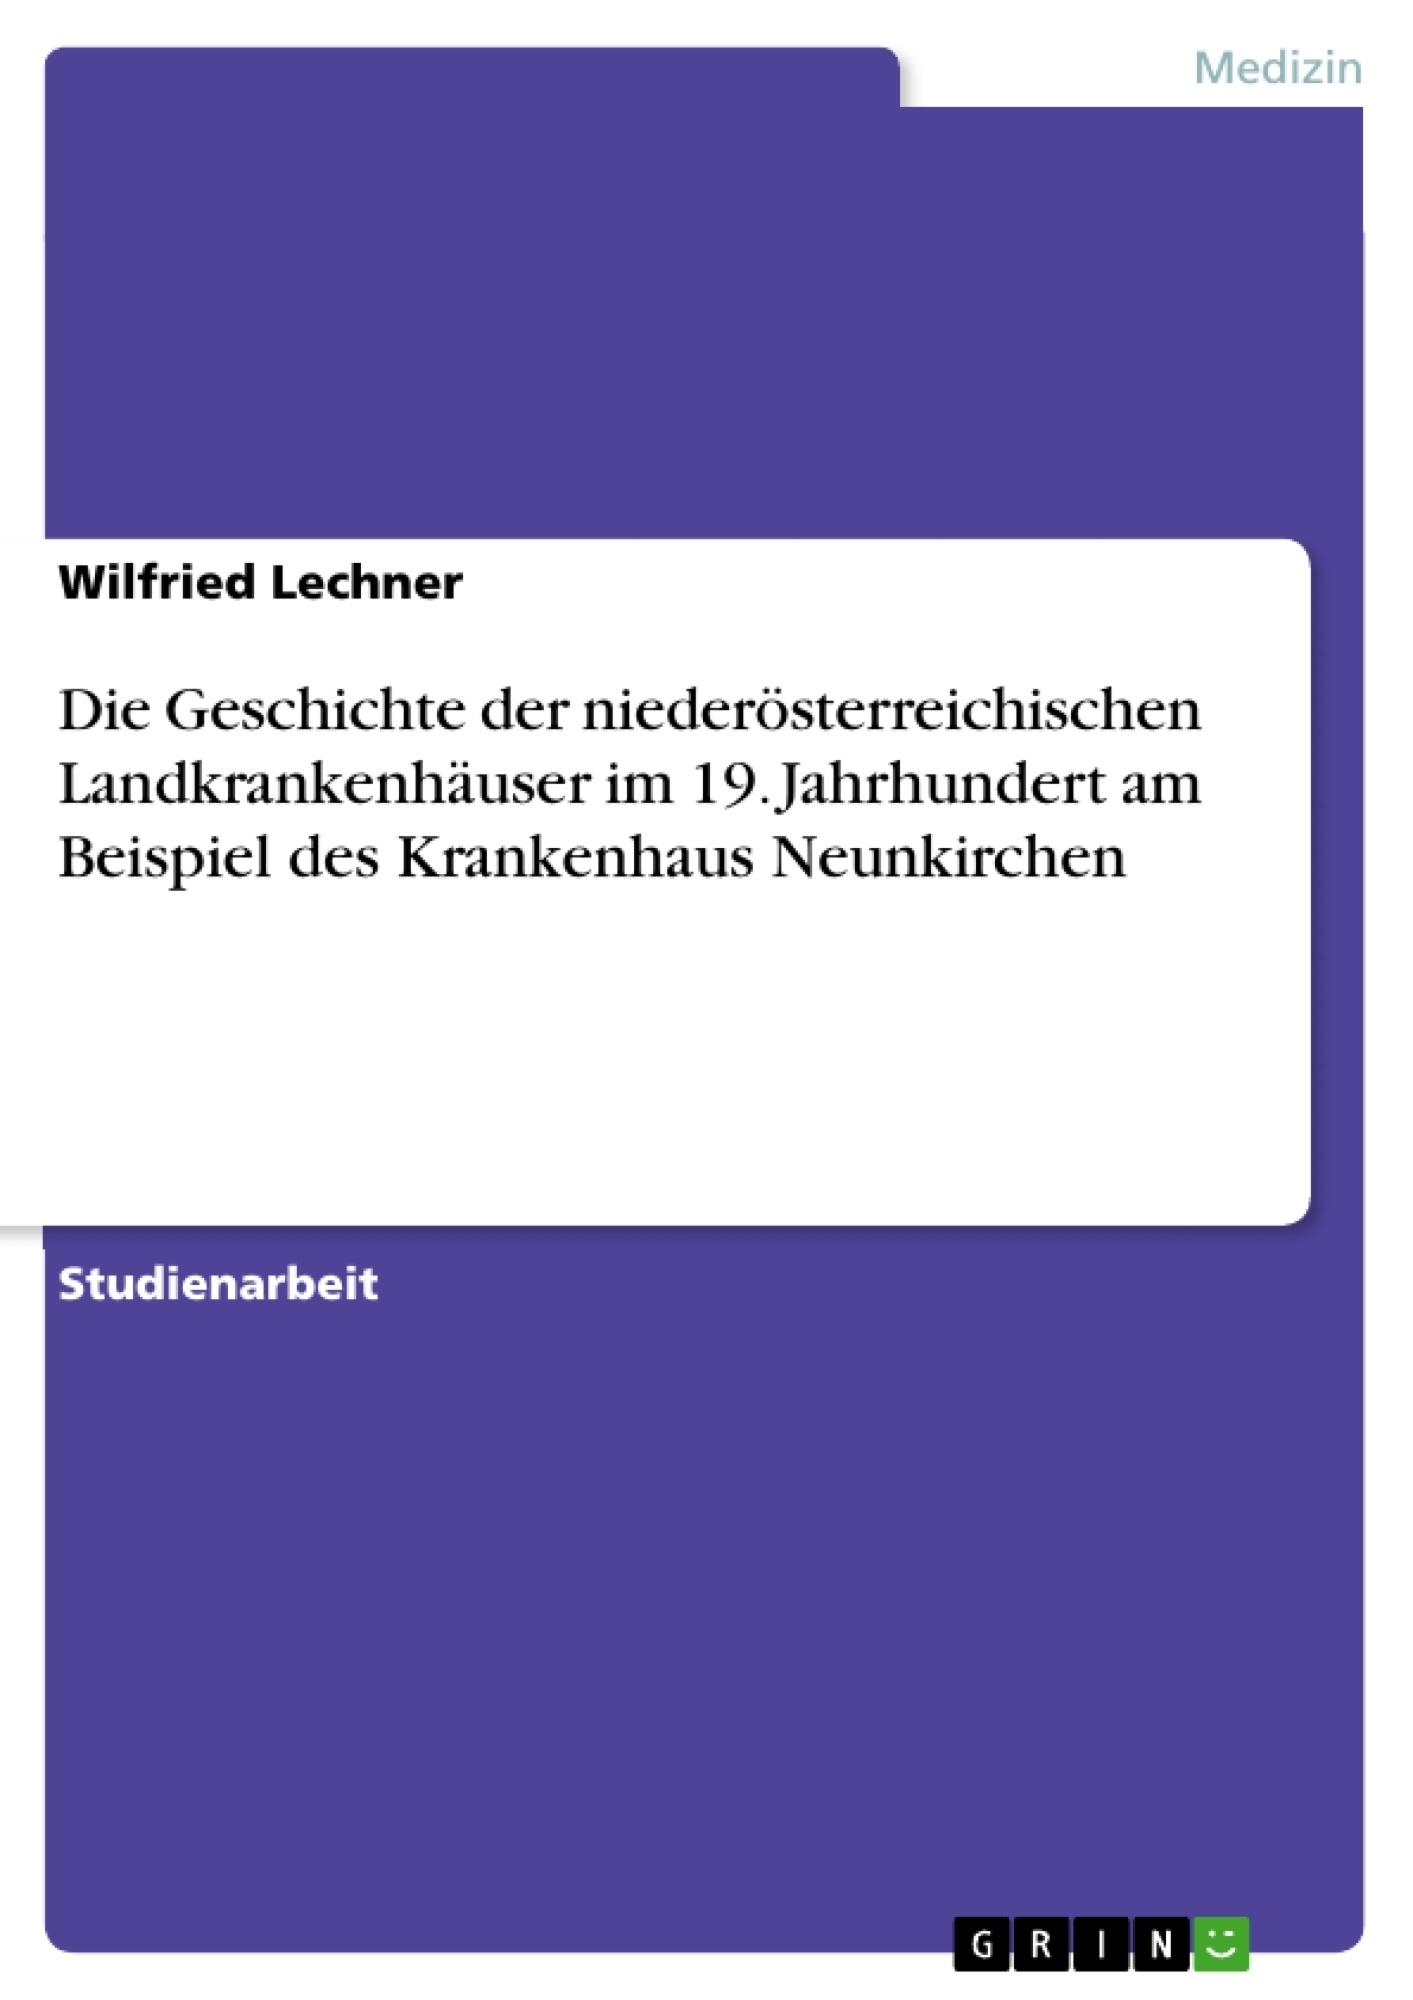 Titel: Die Geschichte der niederösterreichischen Landkrankenhäuser im 19. Jahrhundert am Beispiel des Krankenhaus Neunkirchen